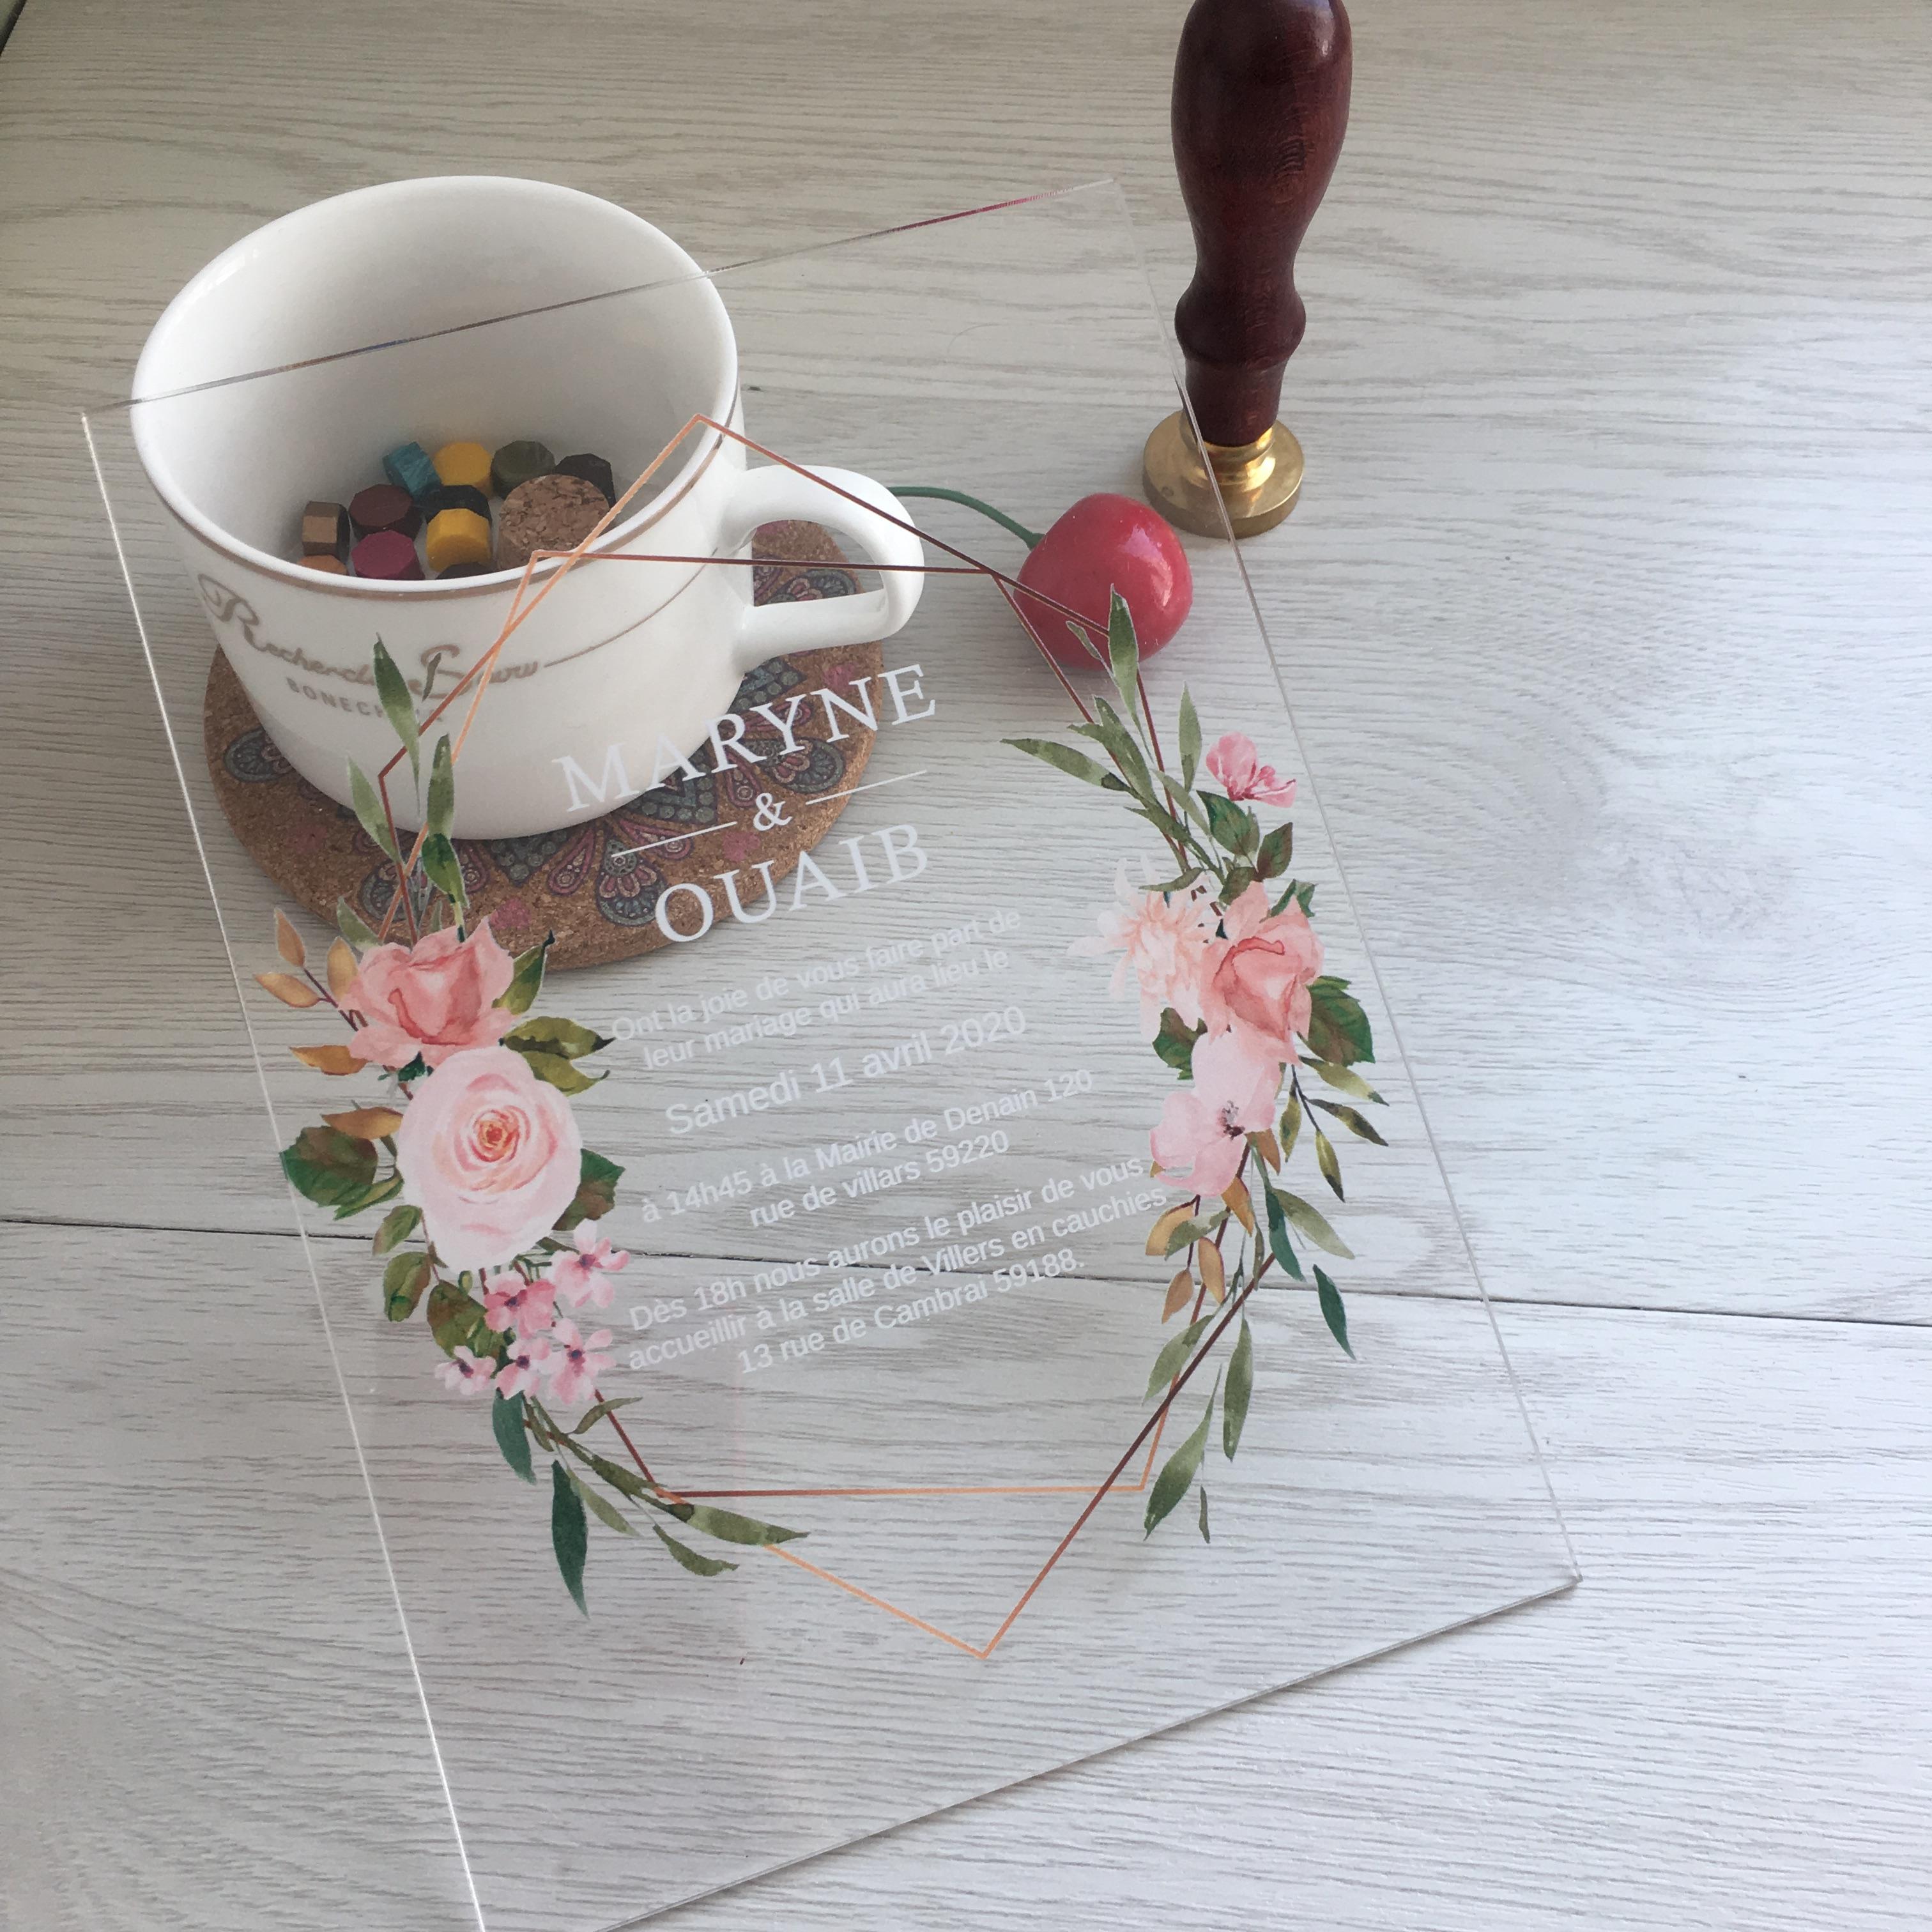 Elegante romantische 10pcs Einladungs-Karte Wedding Fancy Benutzerdefinierte bunten Drucken-Blumen-Einladungen Großhandel Andere Event-Party Supplies